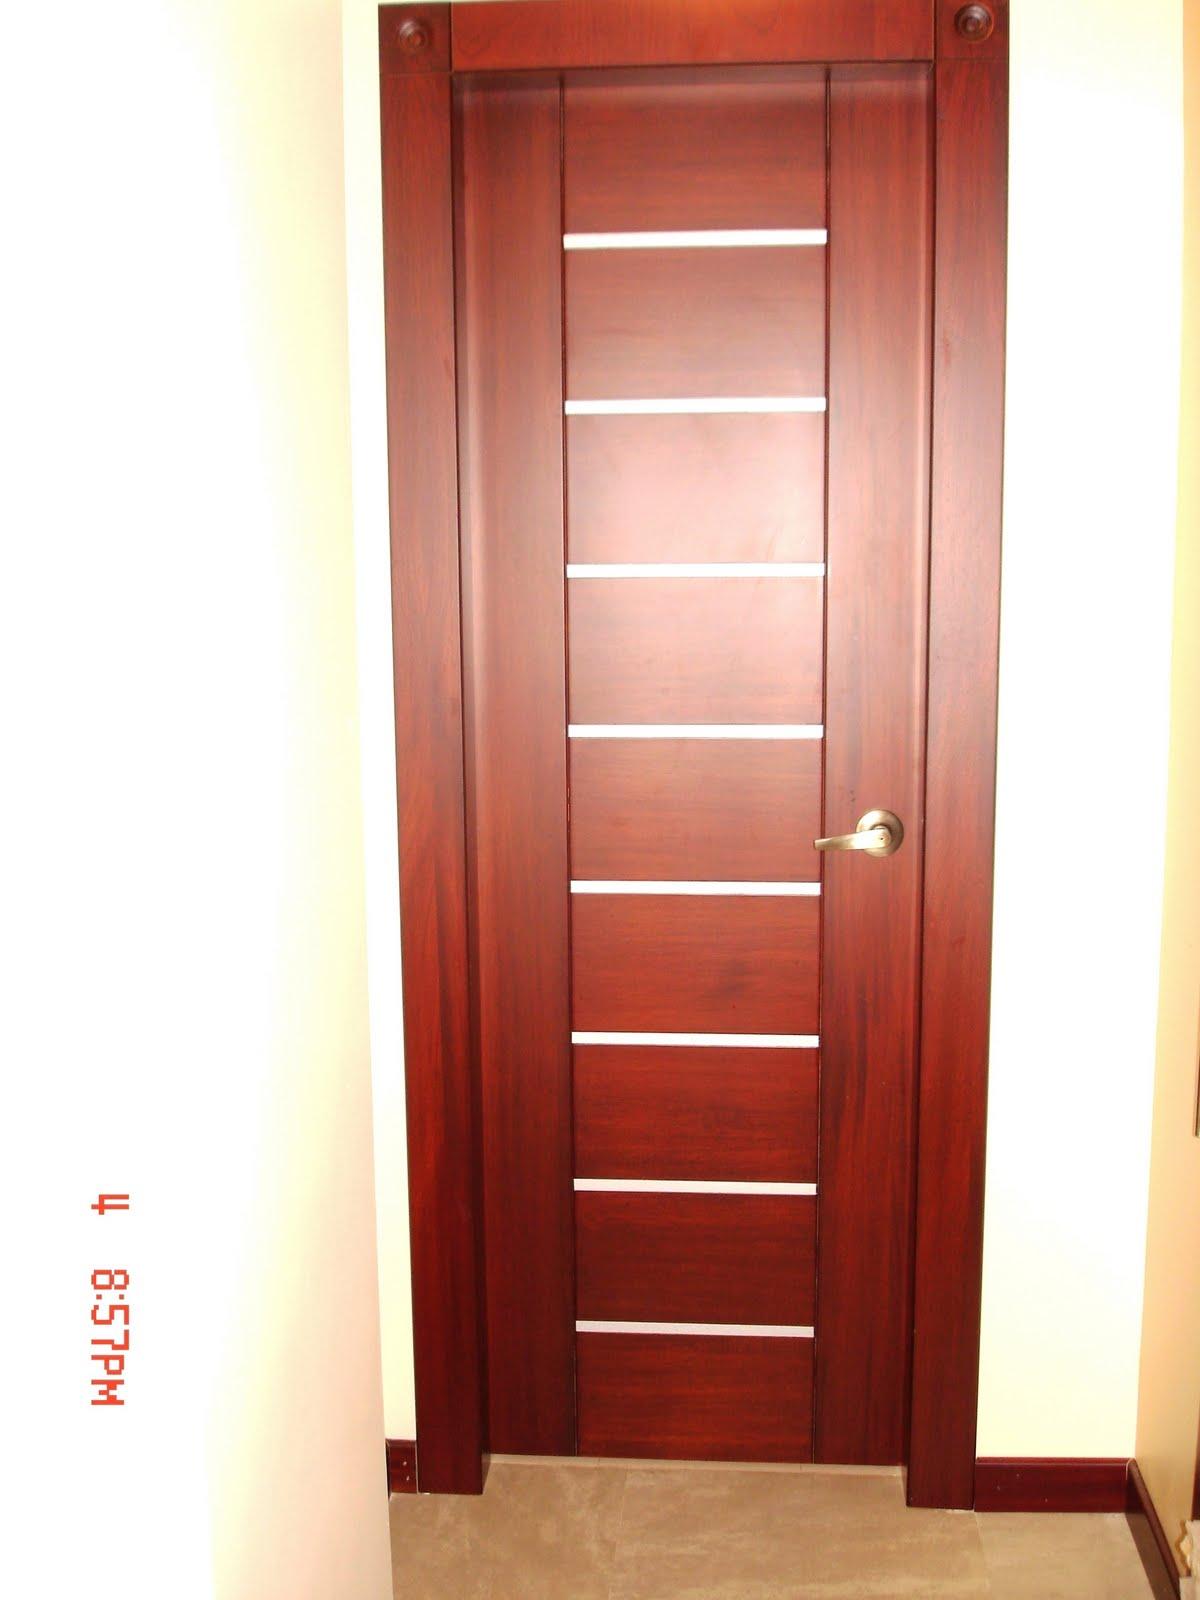 Ideatumobiliario puertas interiores y exteriores para su for Puertas para dormitorios